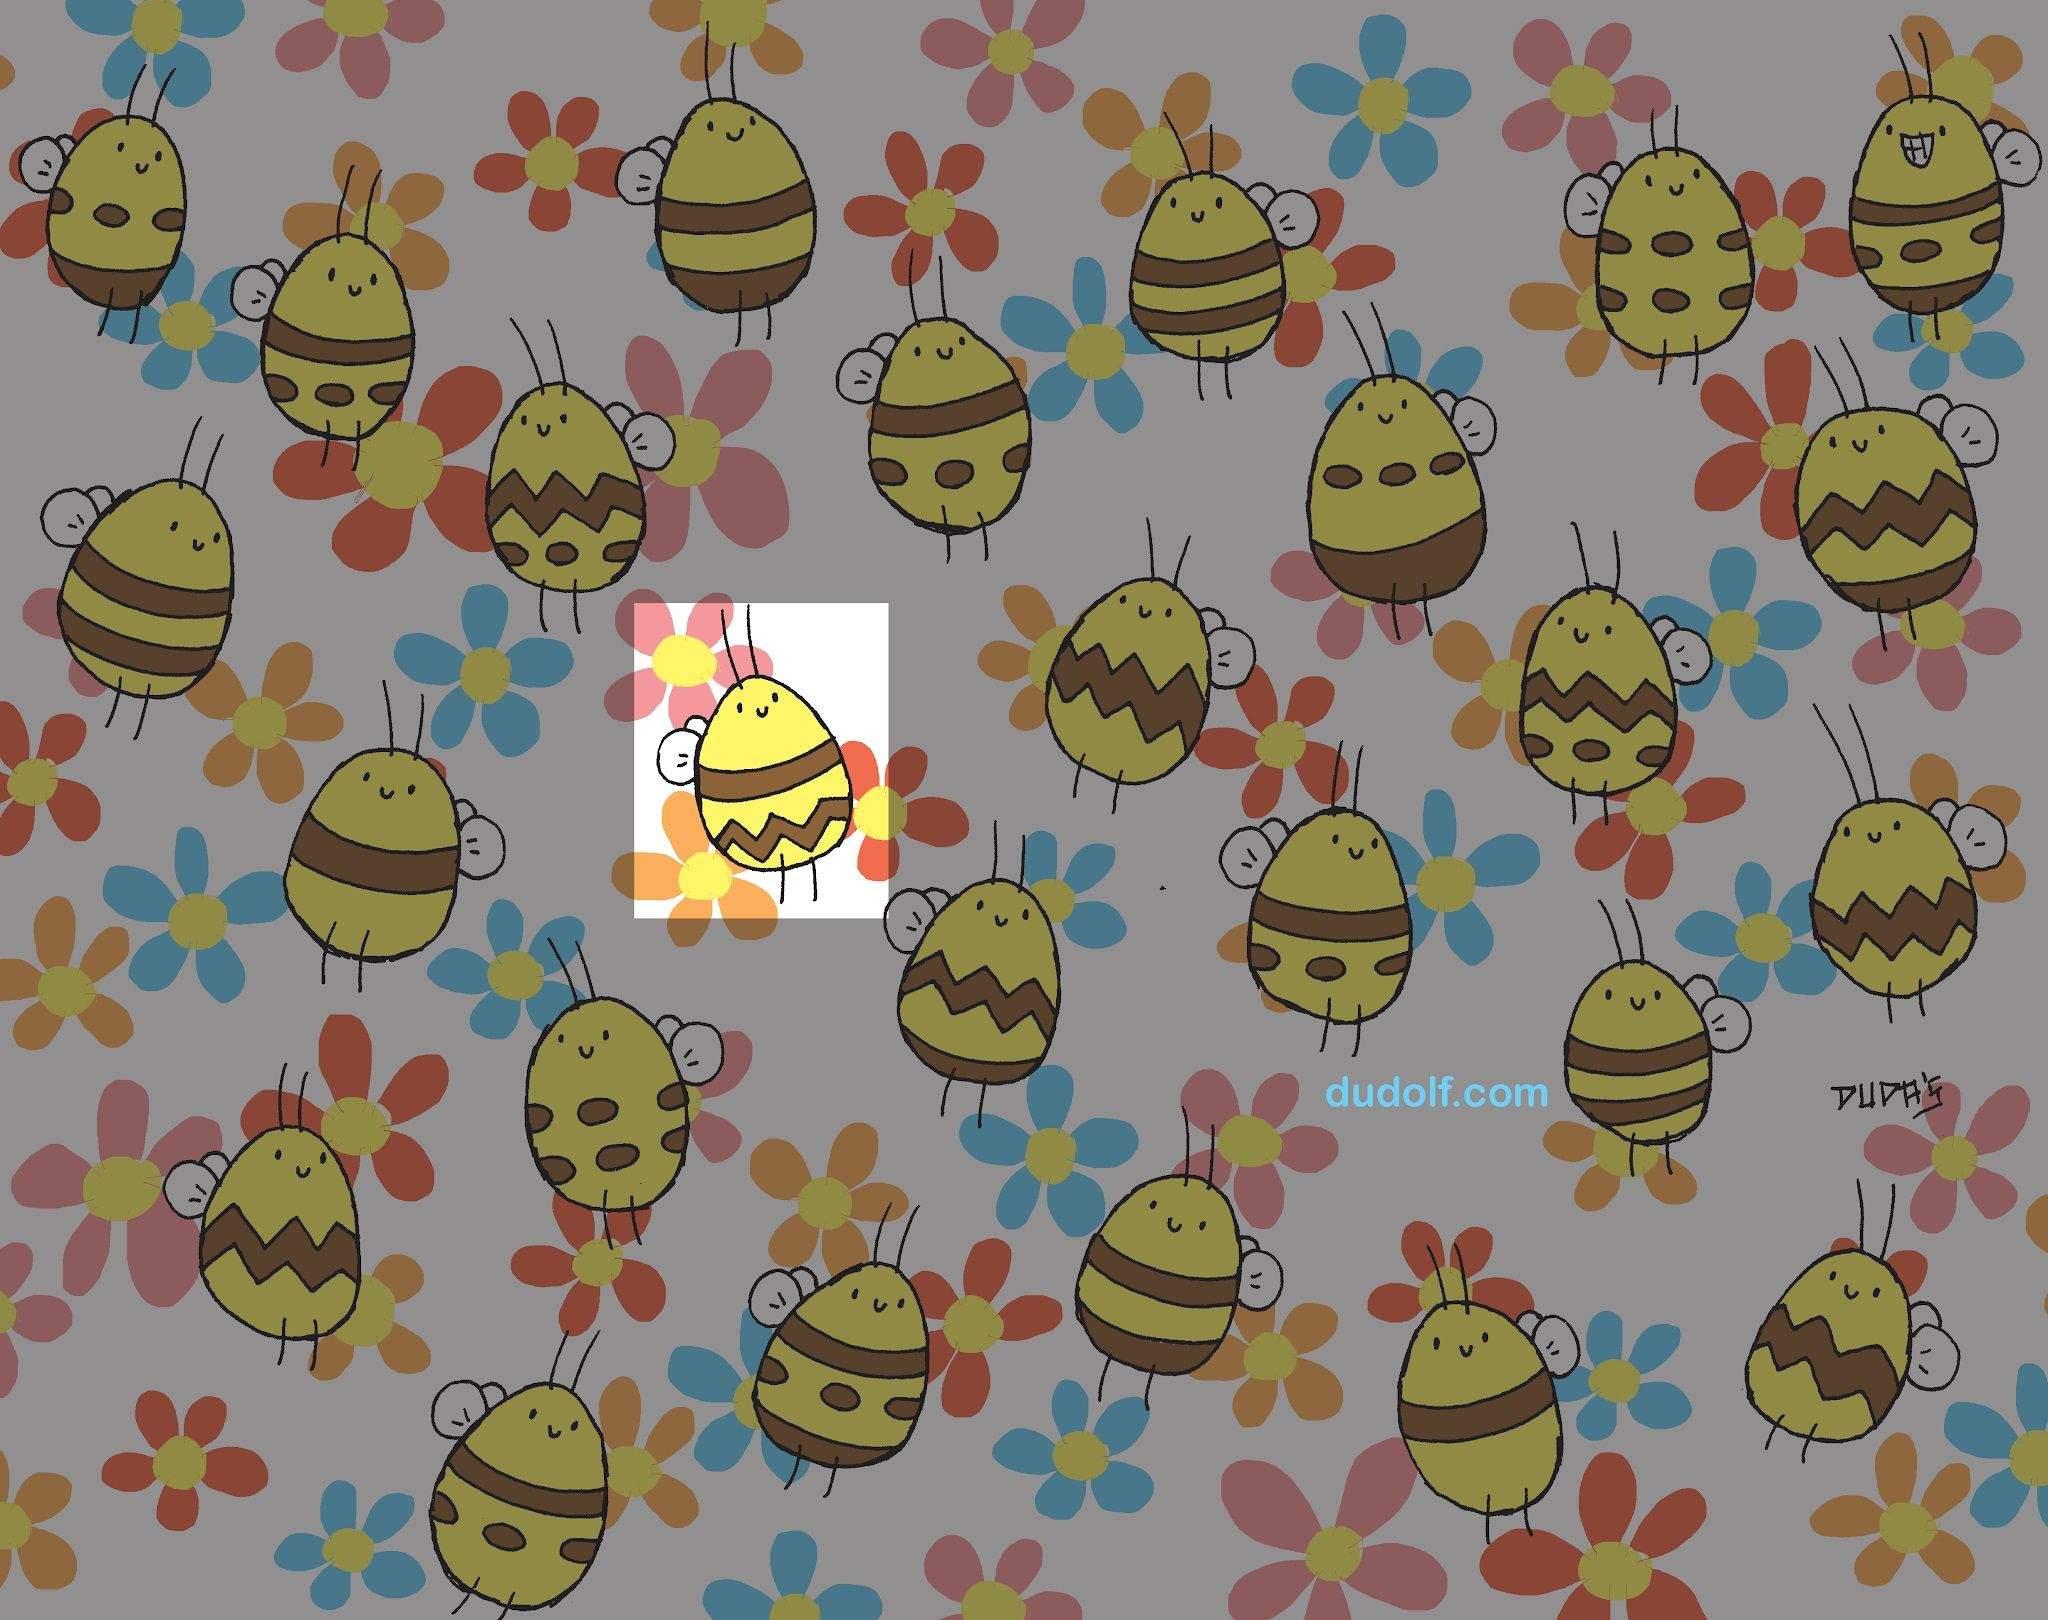 Завдання знайти бджолу з унікальним візерунком